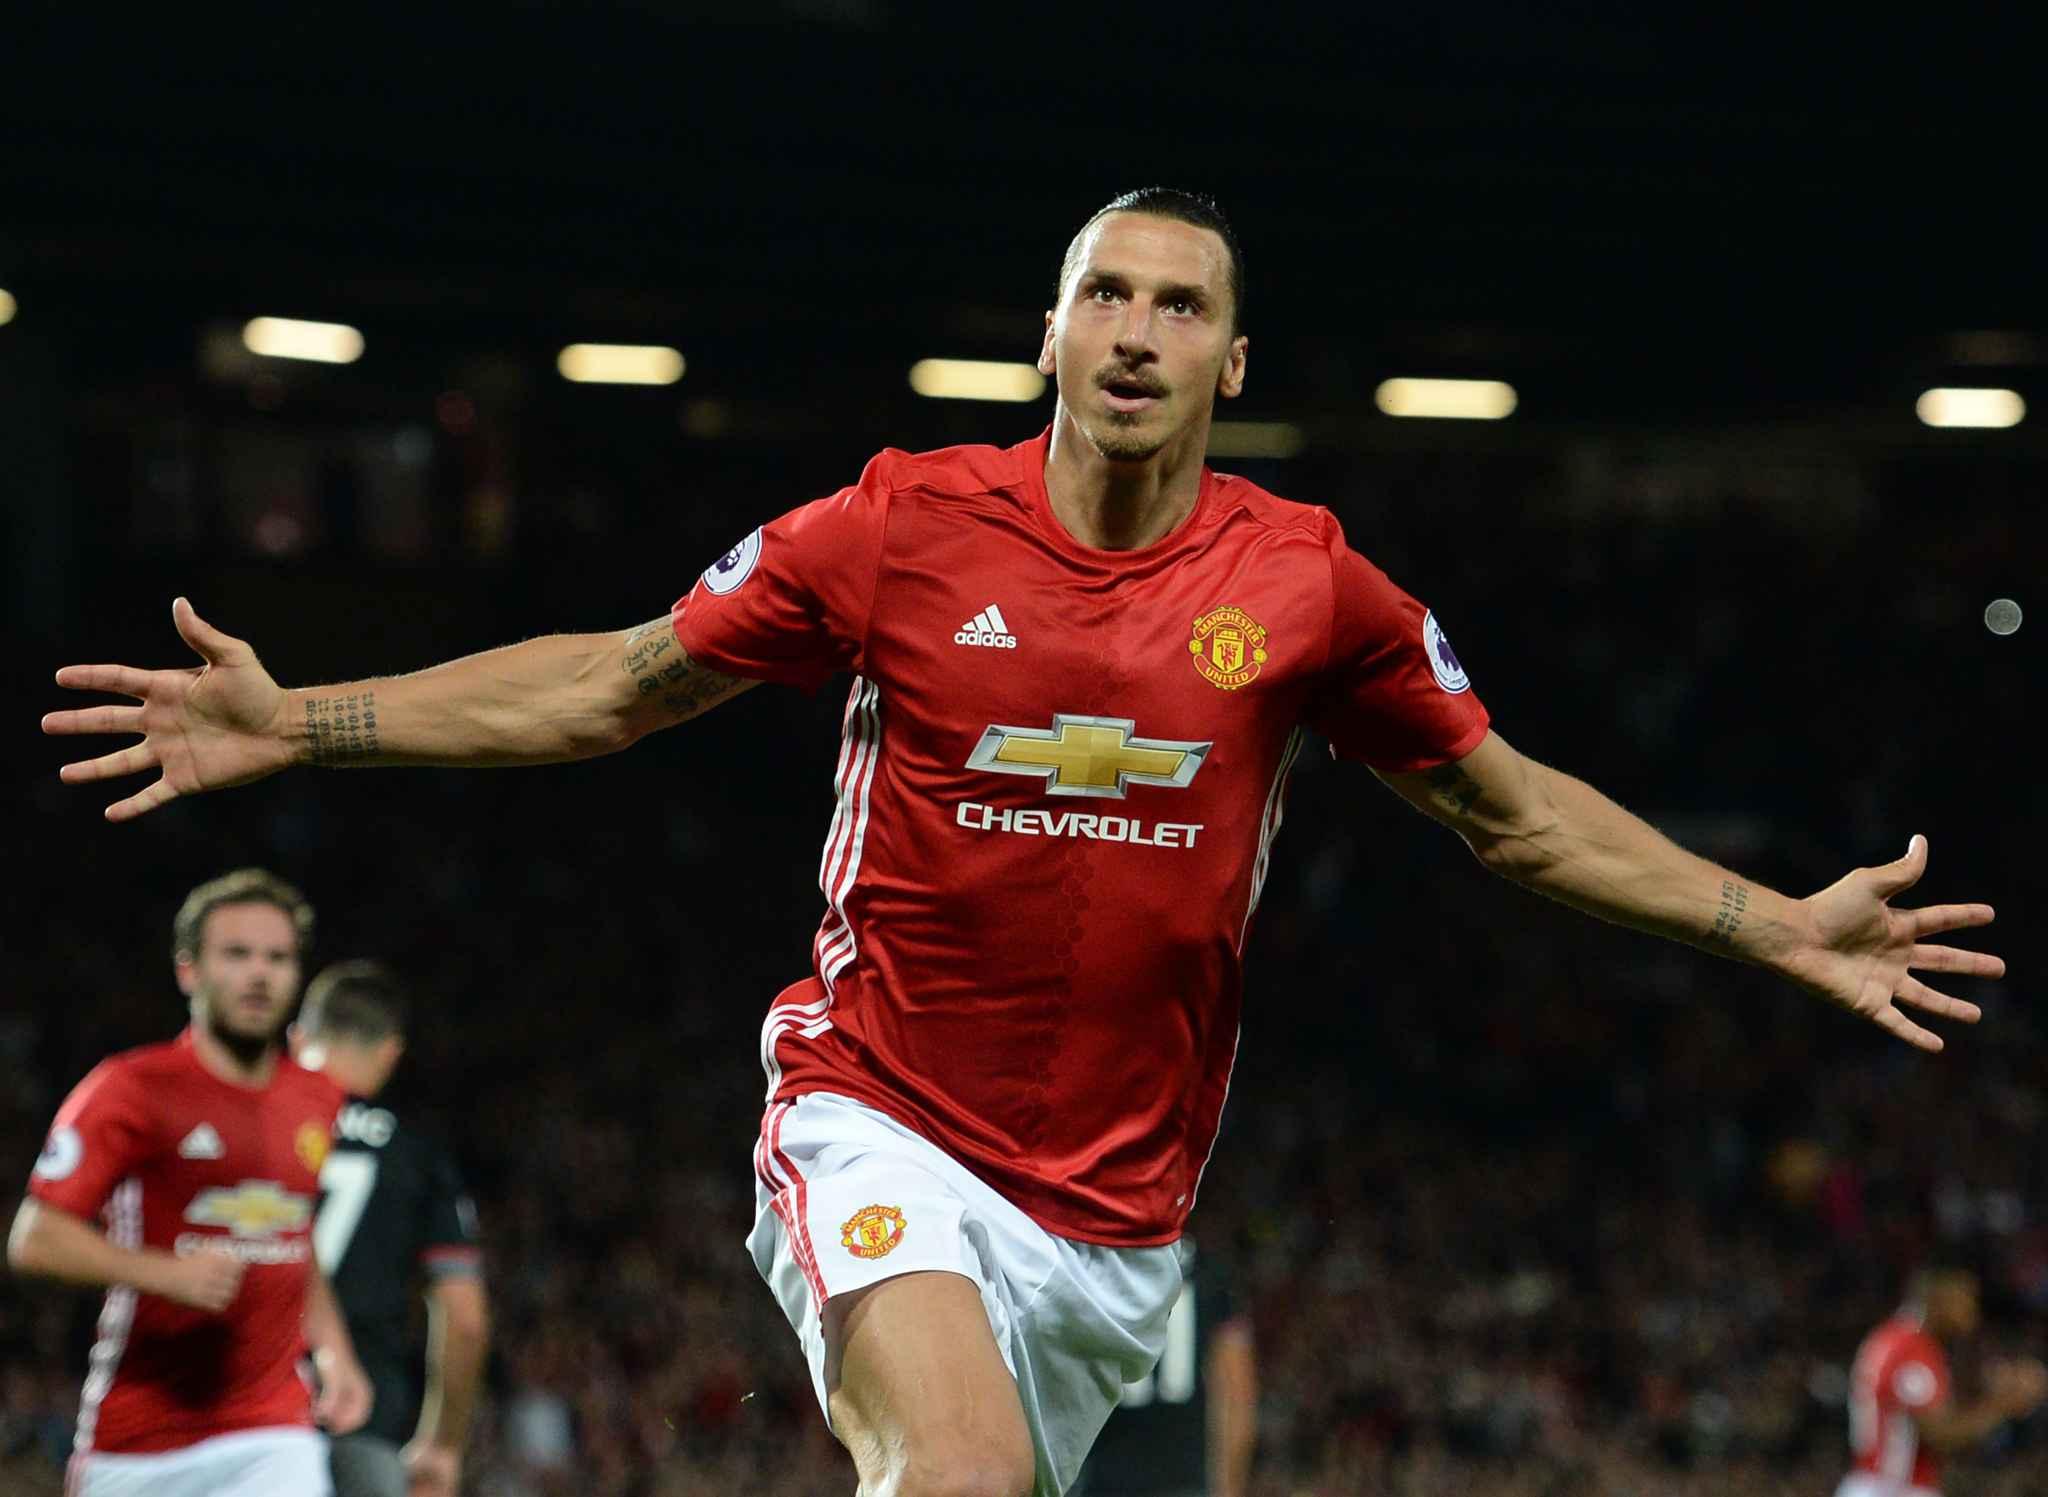 Chiffre d'affaires et bénéfice record pour Manchester United